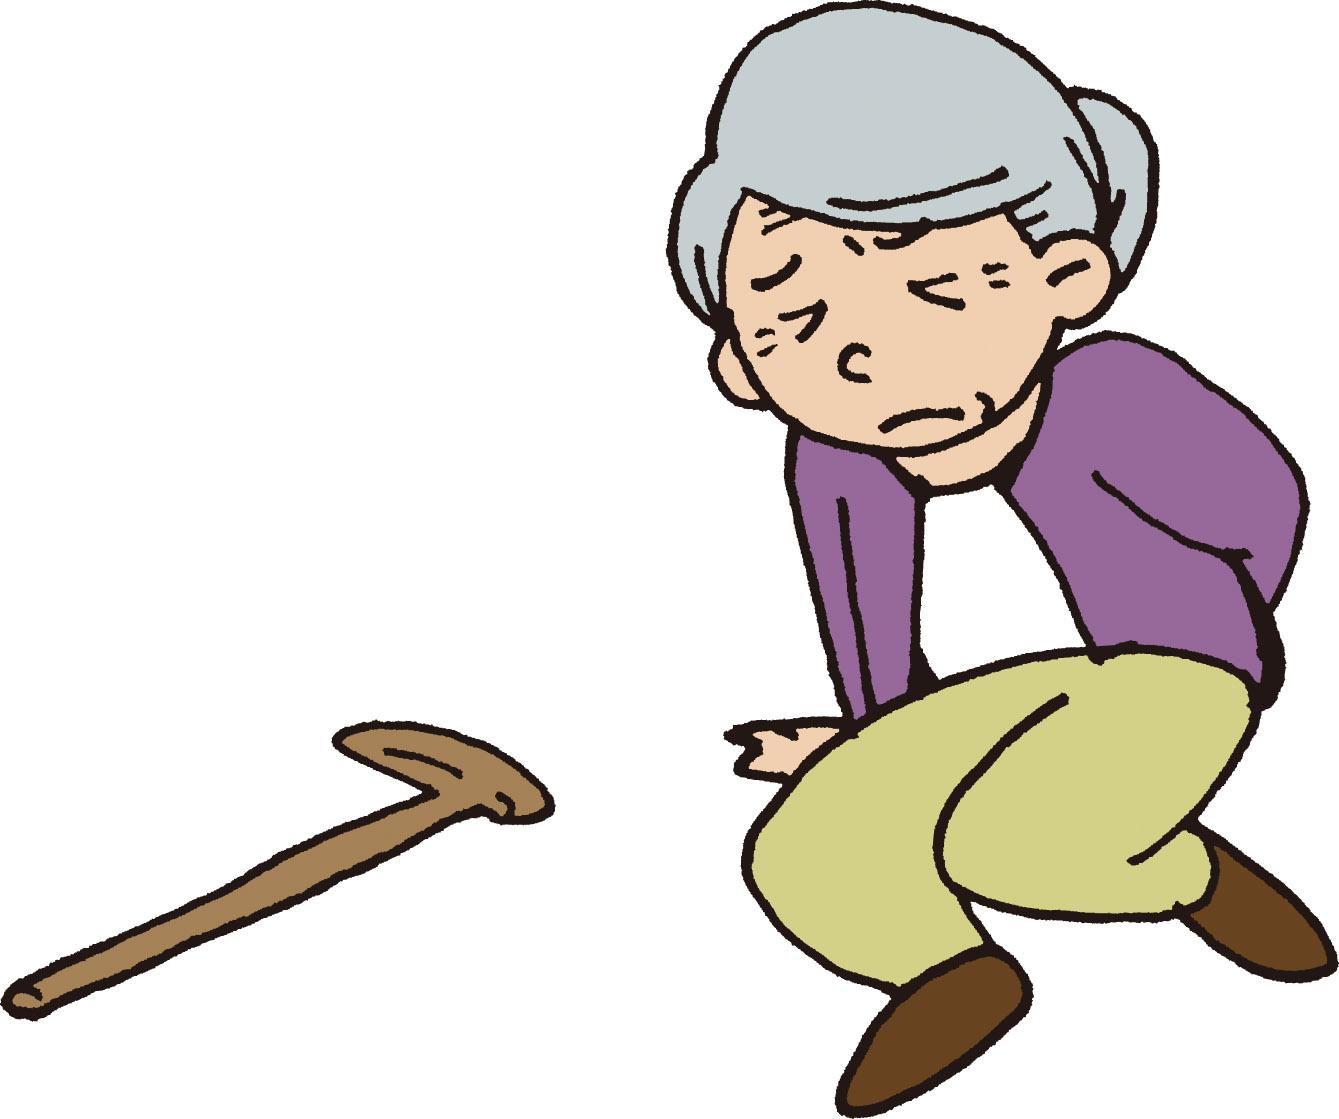 居室内で転倒が続く認知症の人に対する対応の成功例と失敗例